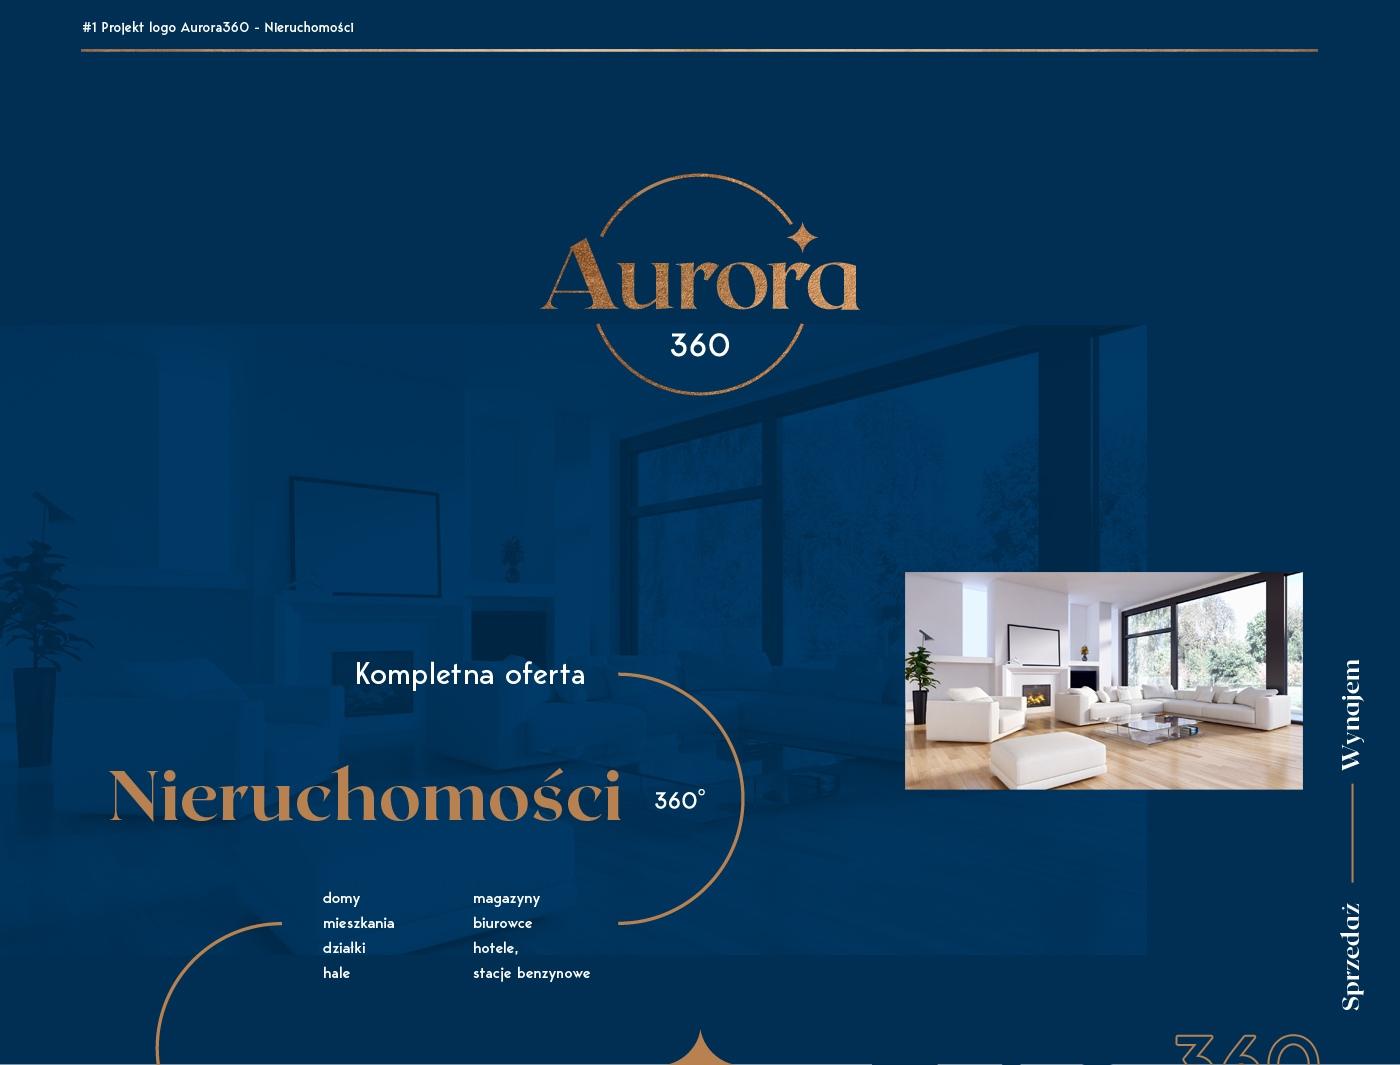 tworzenie-logo-aurora